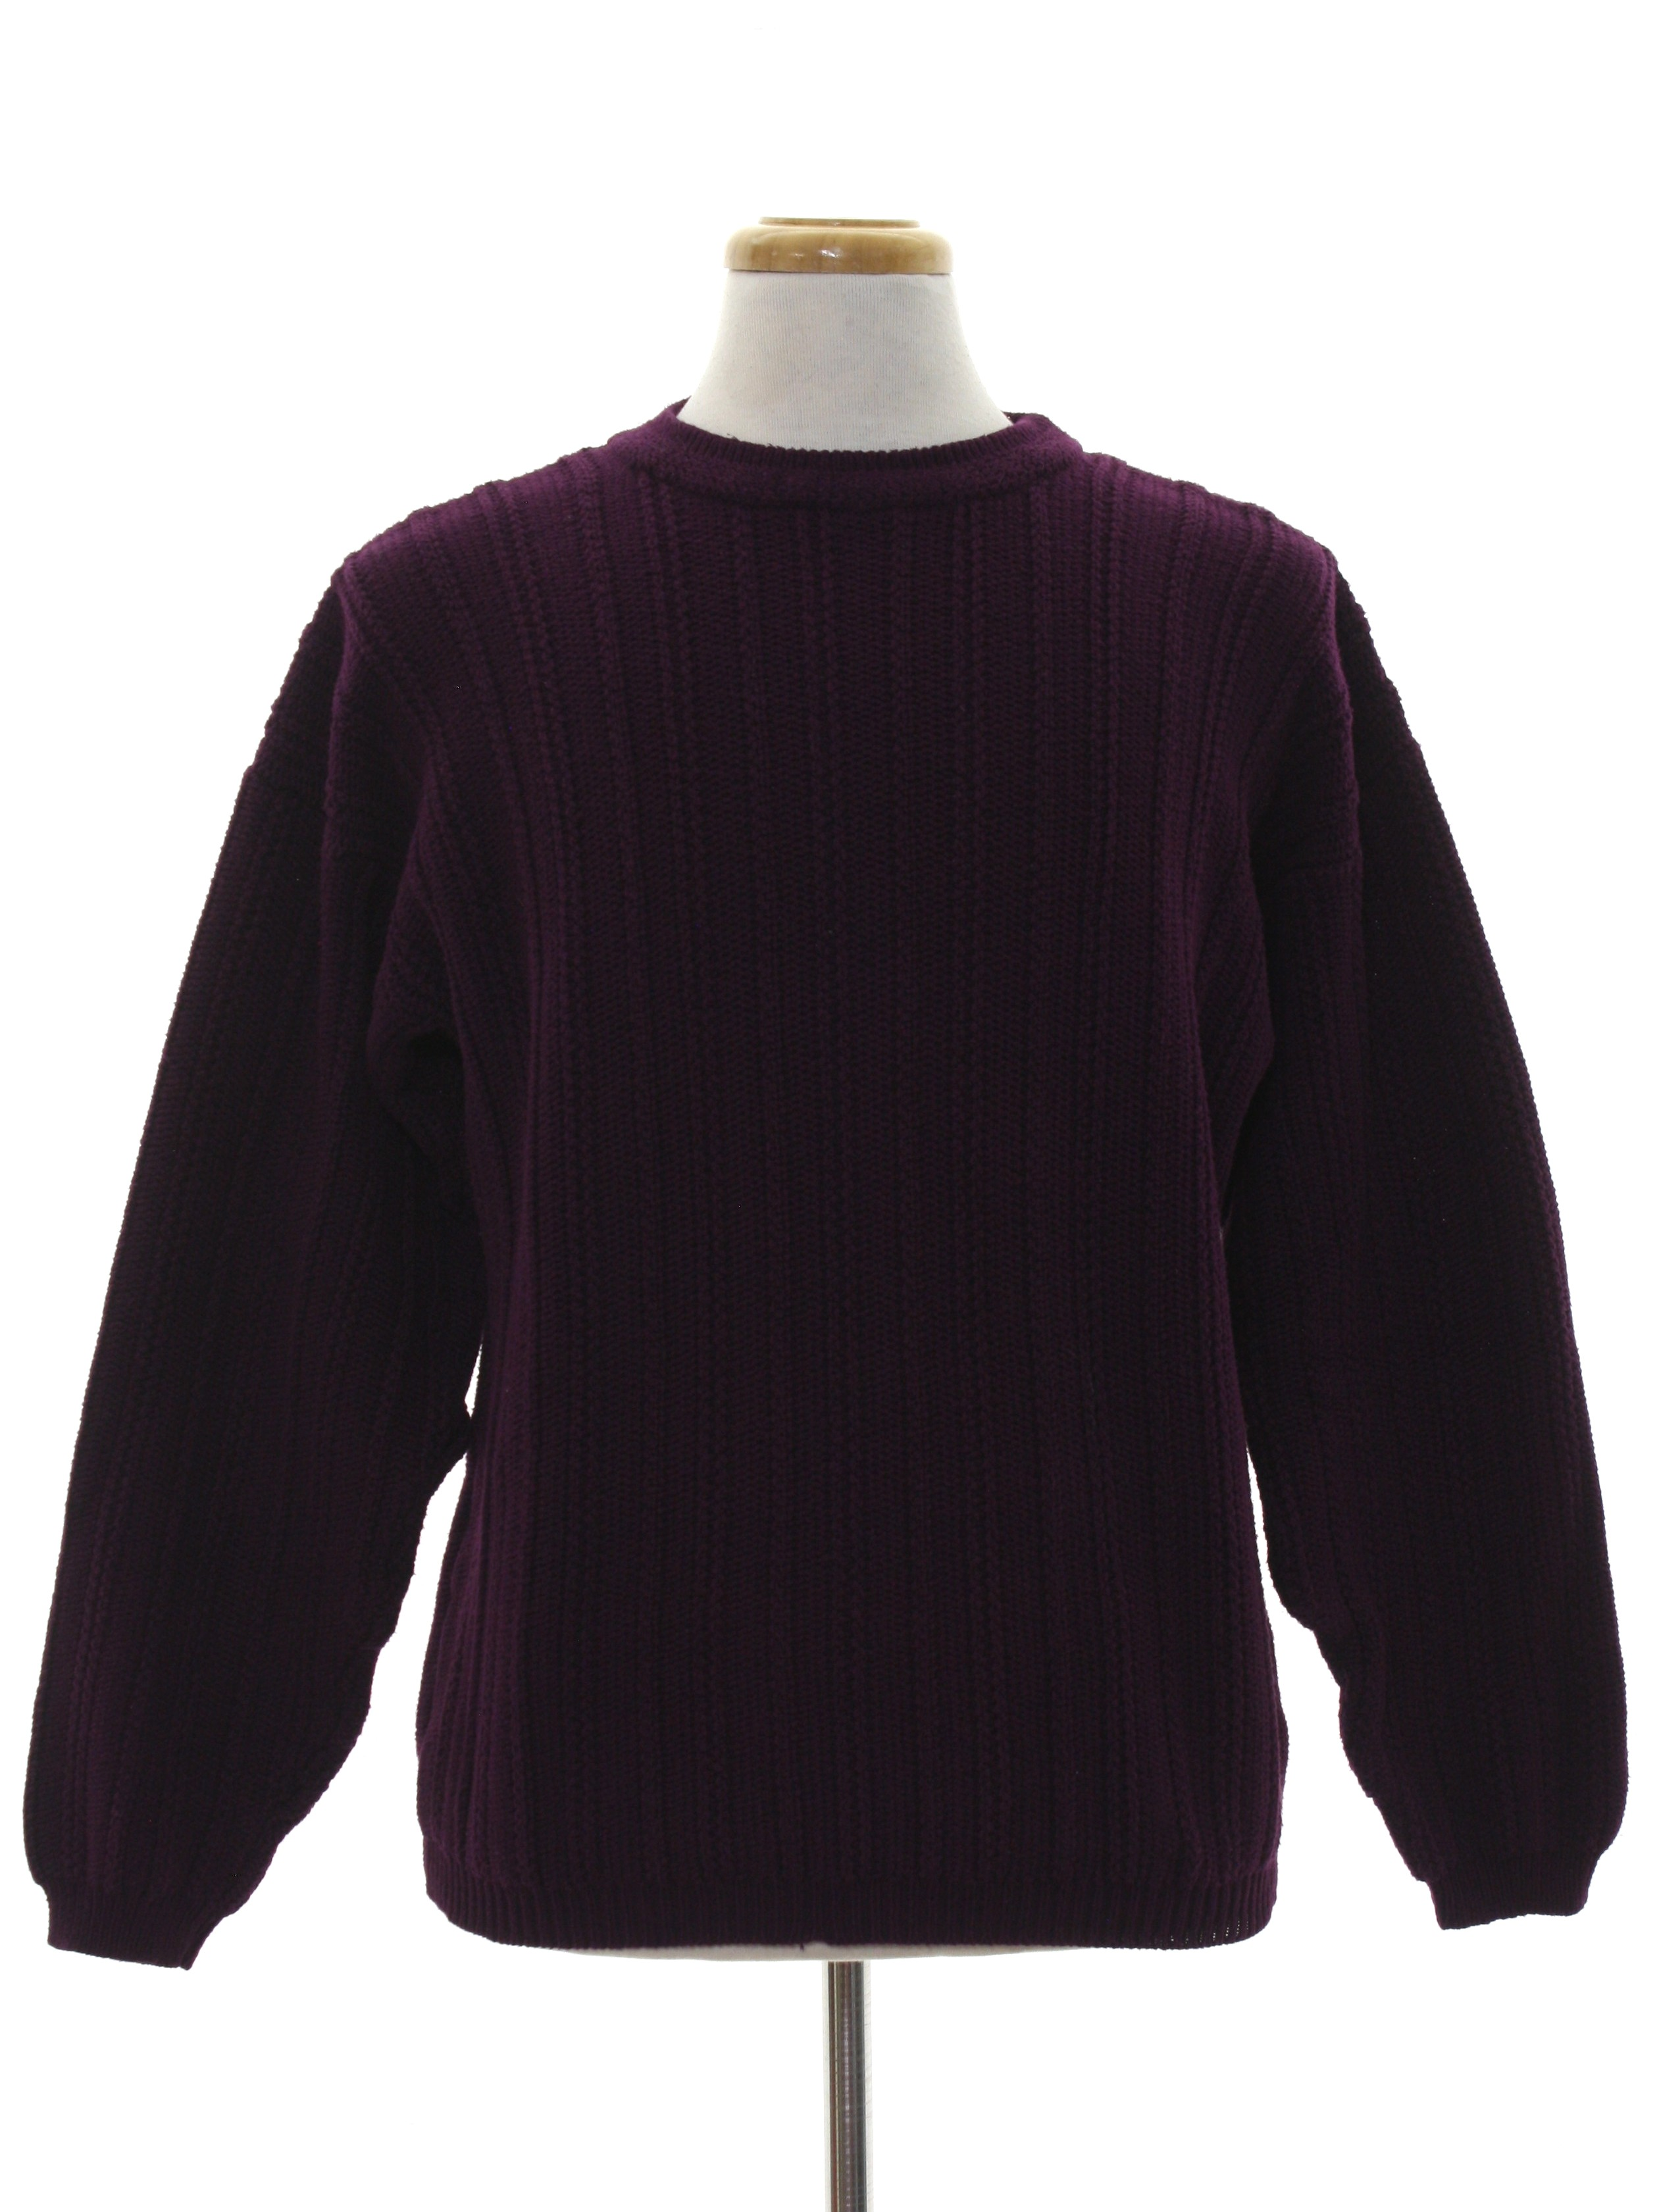 90s Vintage Eddie Bauer Sweater 90s Eddie Bauer Mens Dark Plum